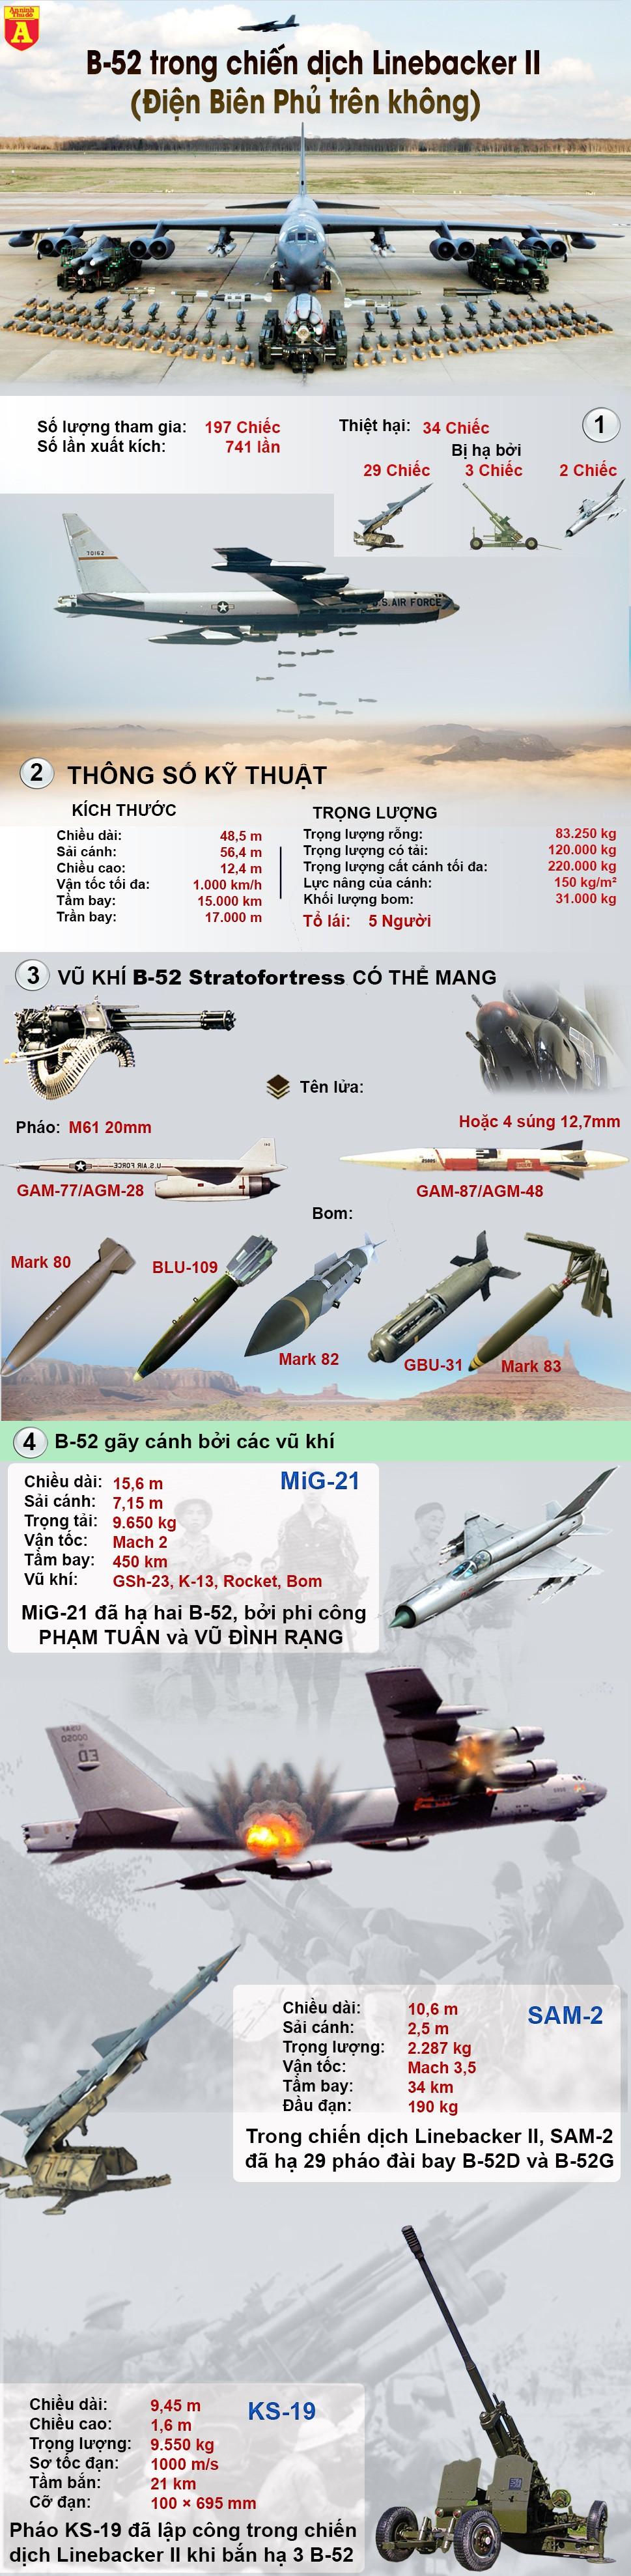 [Infographic] 'Pháo đài bay' gục ngã, gáo nước lạnh dội vào Mỹ tại Việt Nam ảnh 2